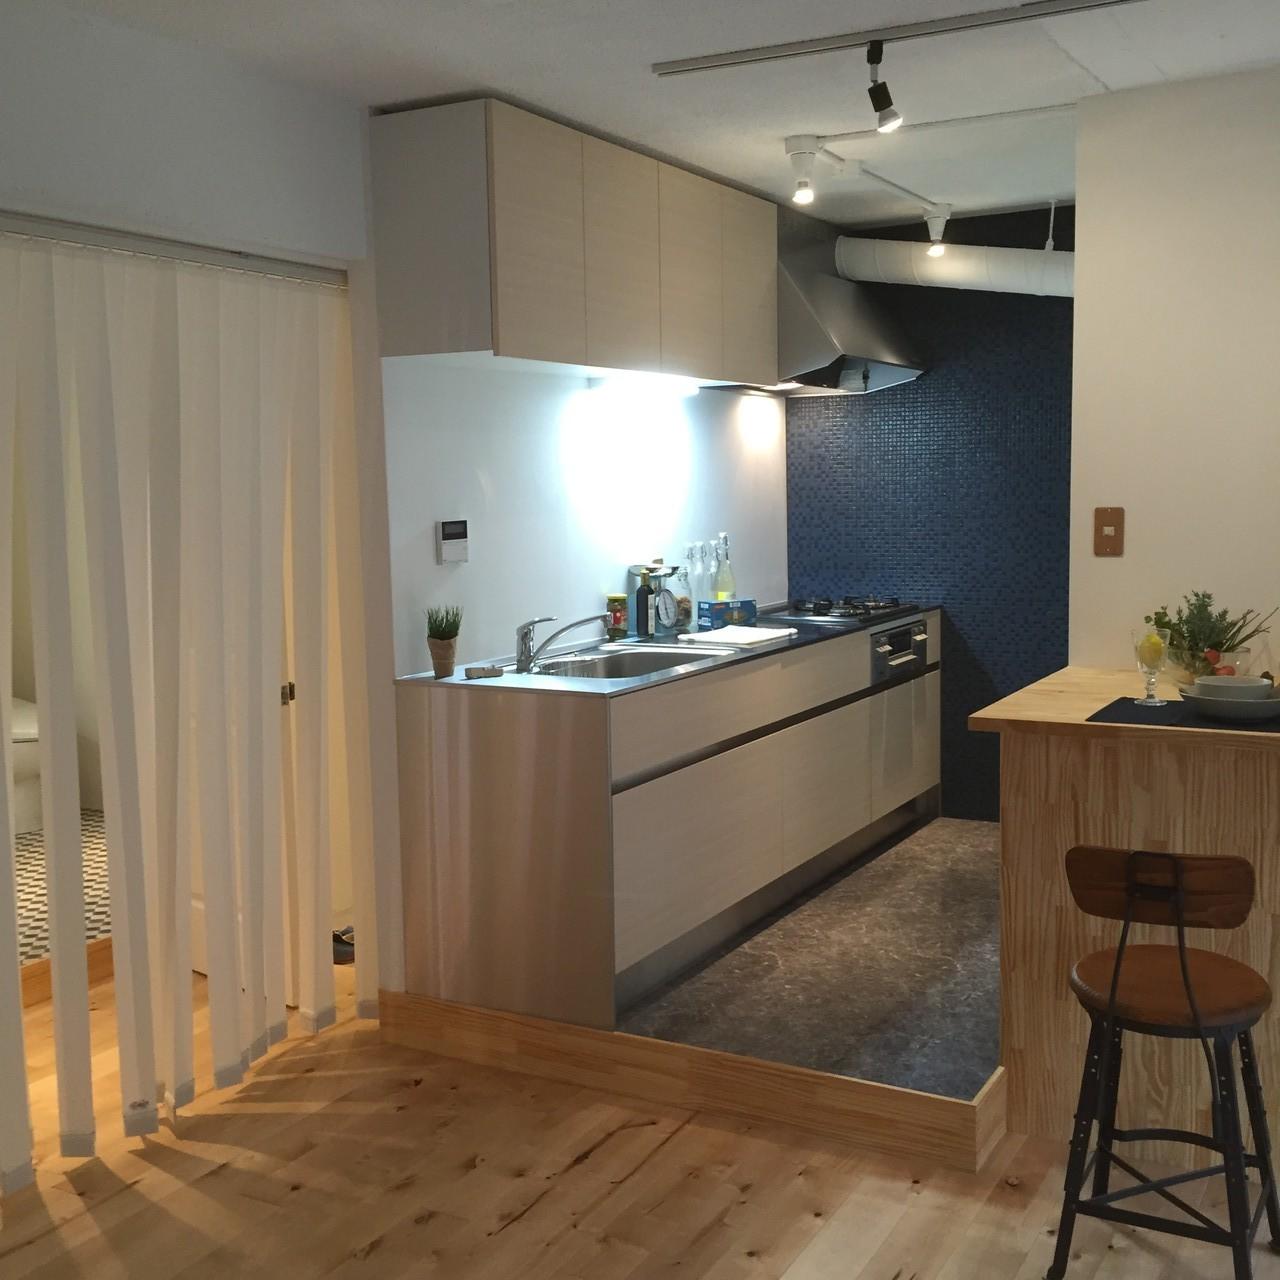 築39年。川崎市住宅供給公社の団地をリノベーション。